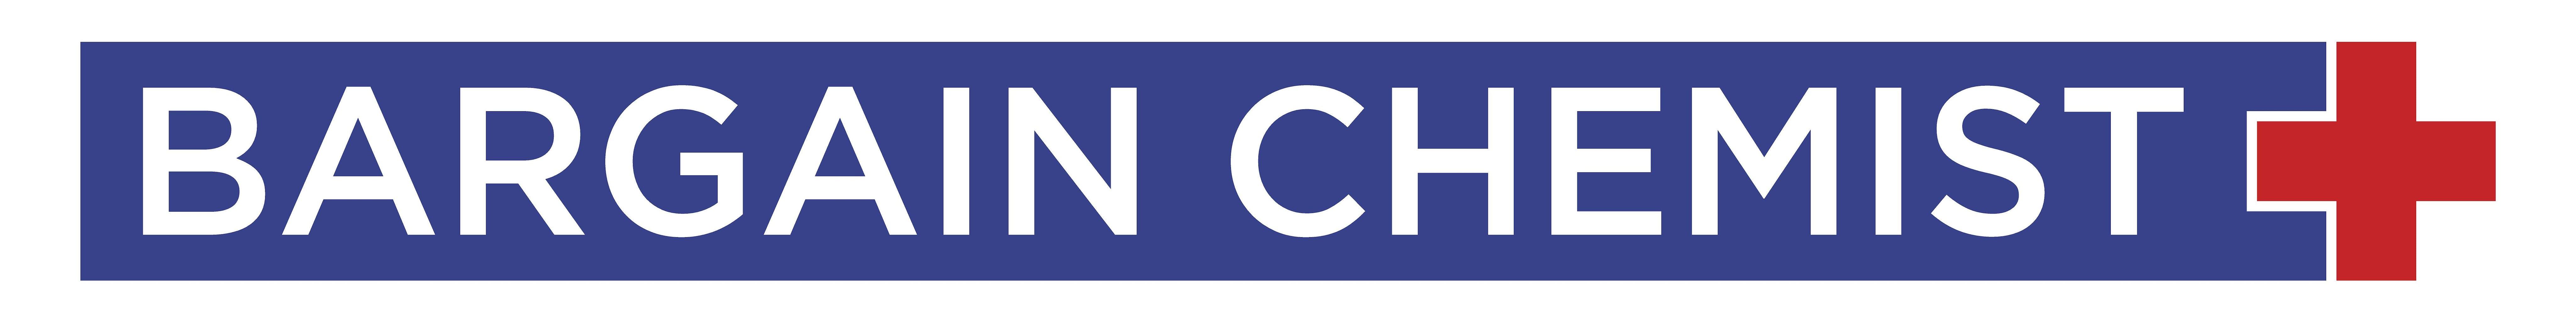 Bargain Chemist Logo